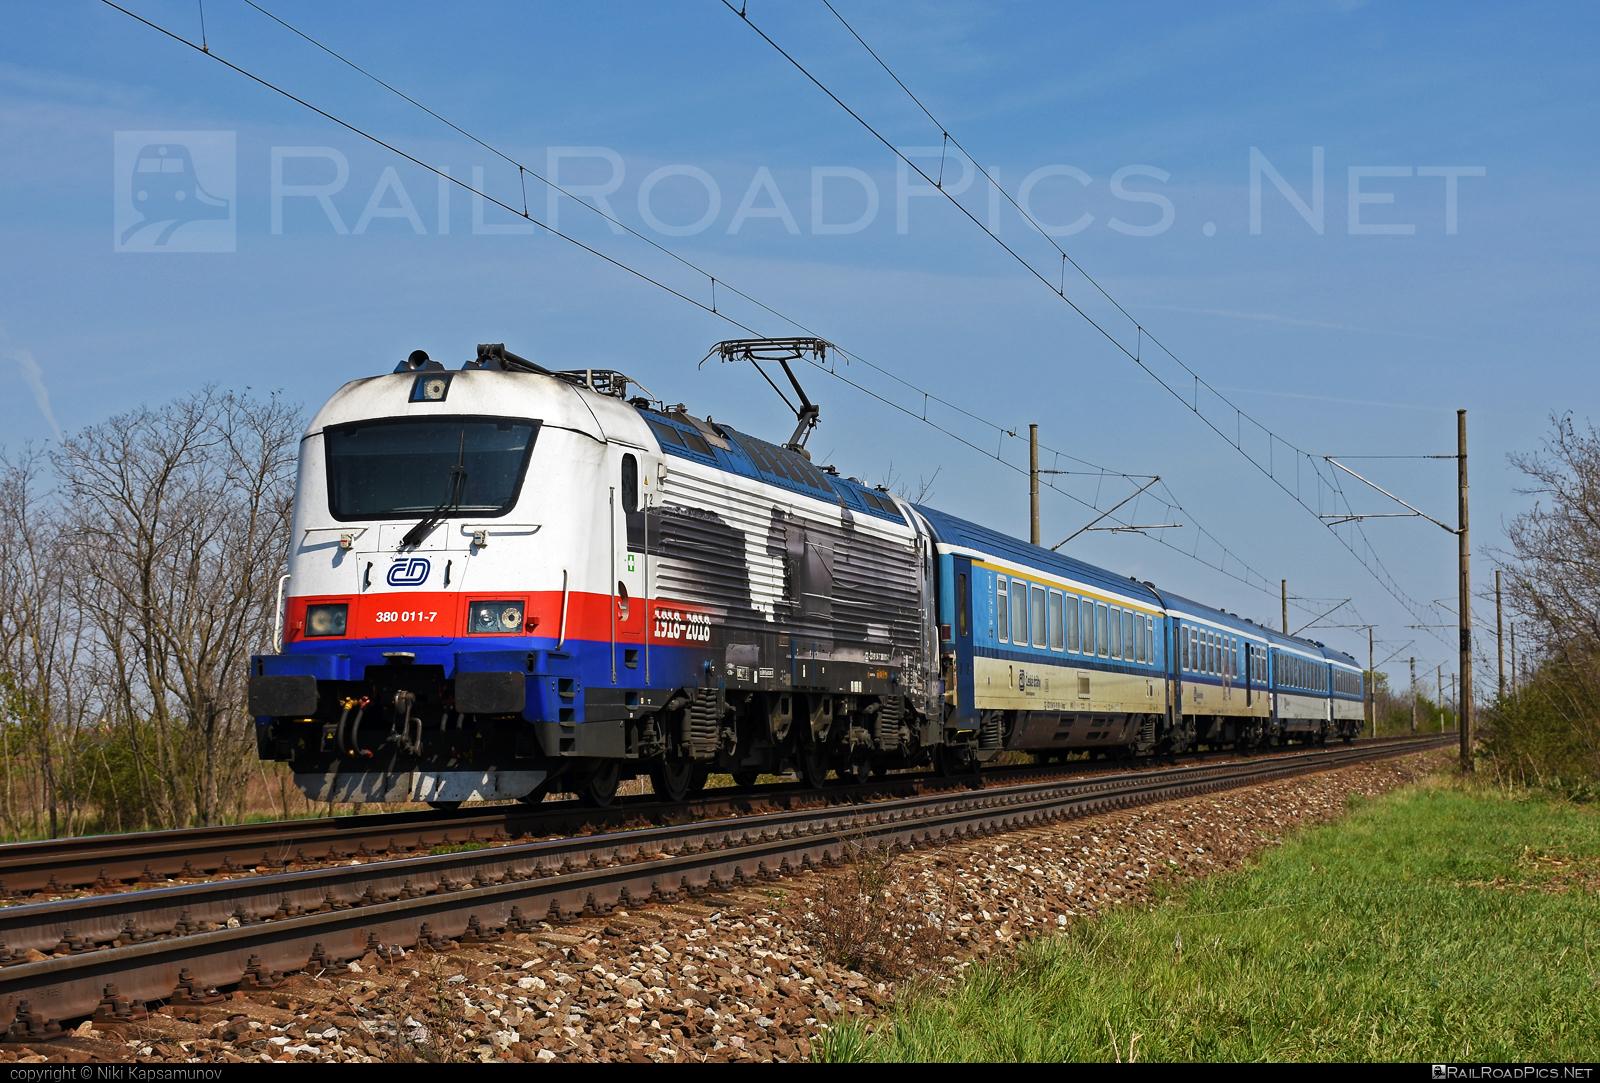 Škoda 109E1 Emil Zátopek - 380 011-7 operated by České dráhy, a.s. #cd #ceskedrahy #emilzatopeklocomotive #locomotive380 #skoda #skoda109e #skoda109elocomotive